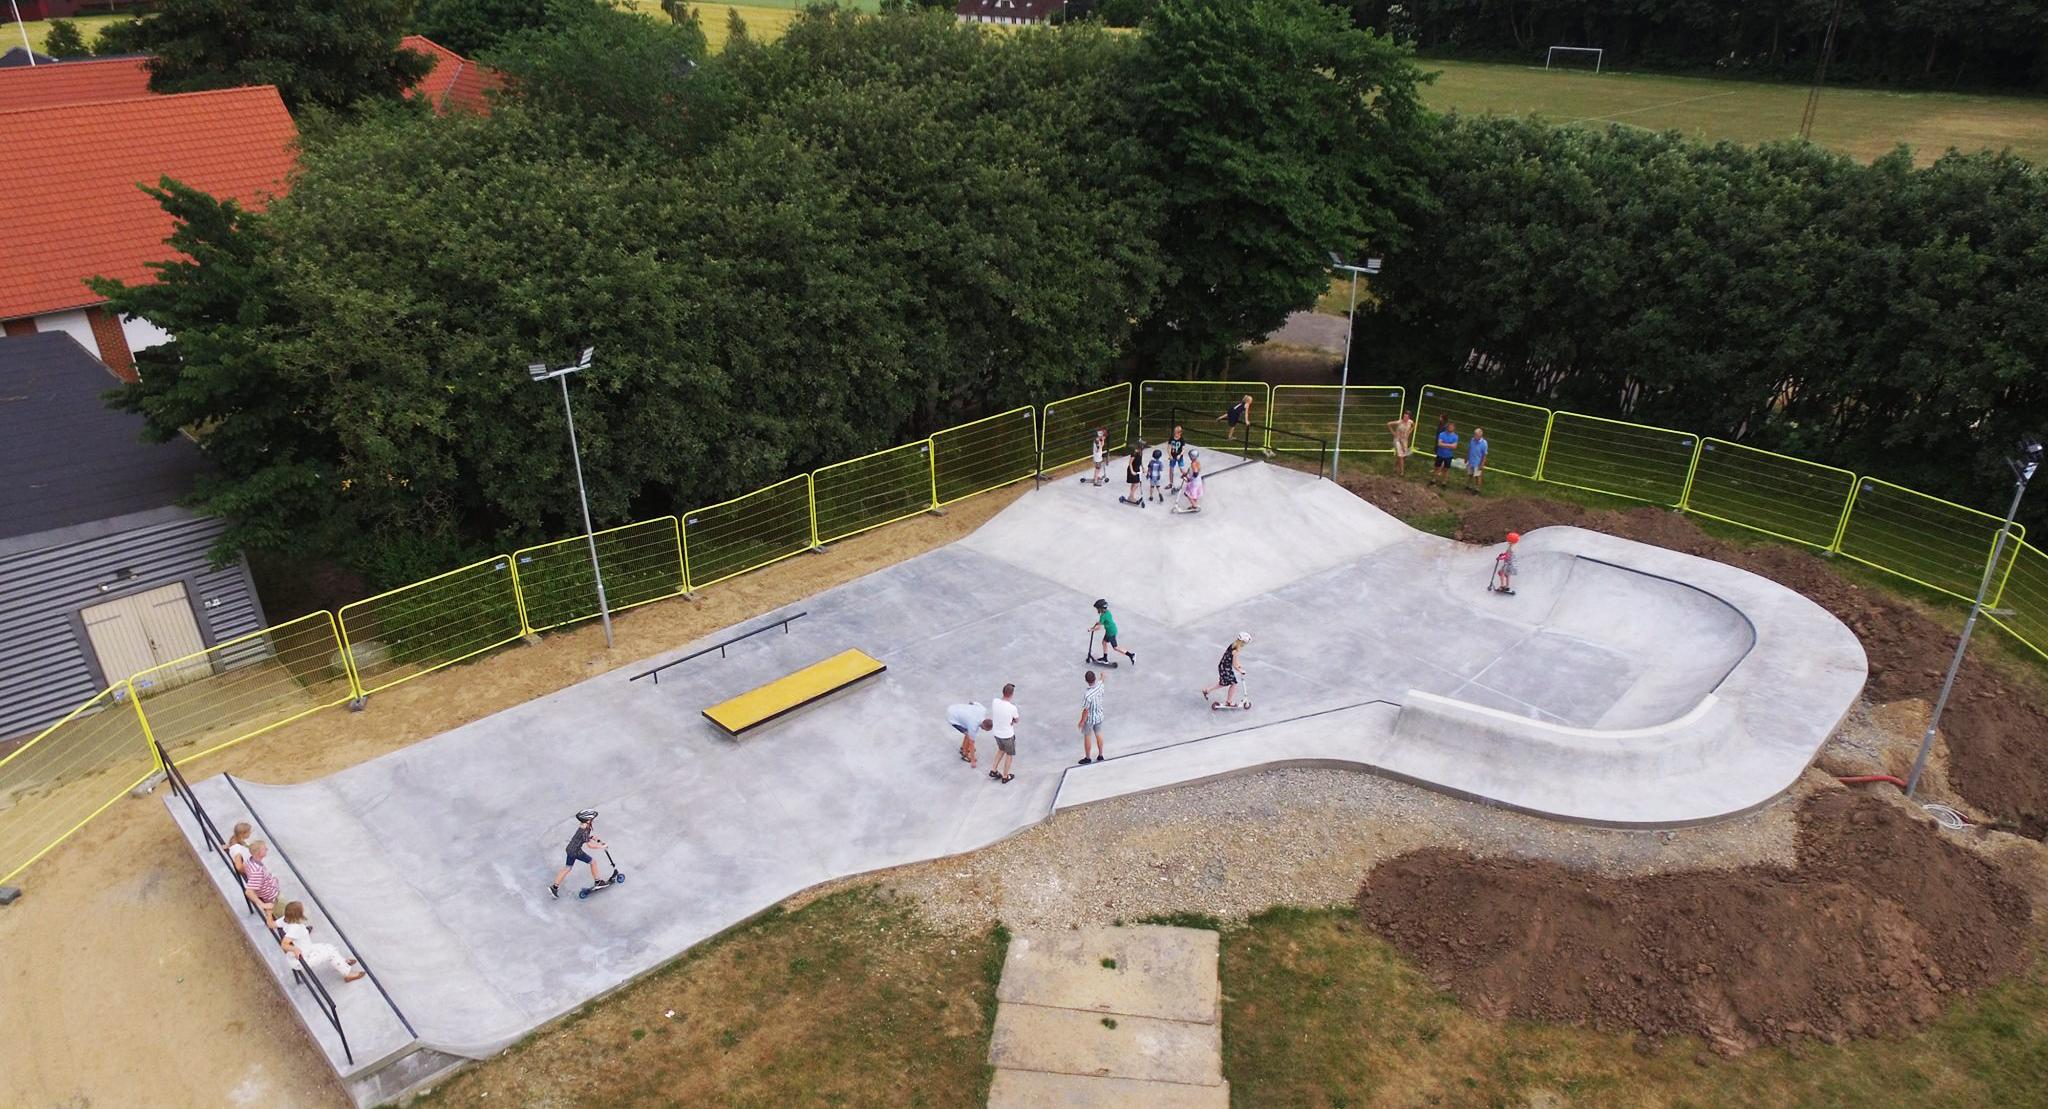 Et luftfoto af en beton skatepark fyldt med brugere